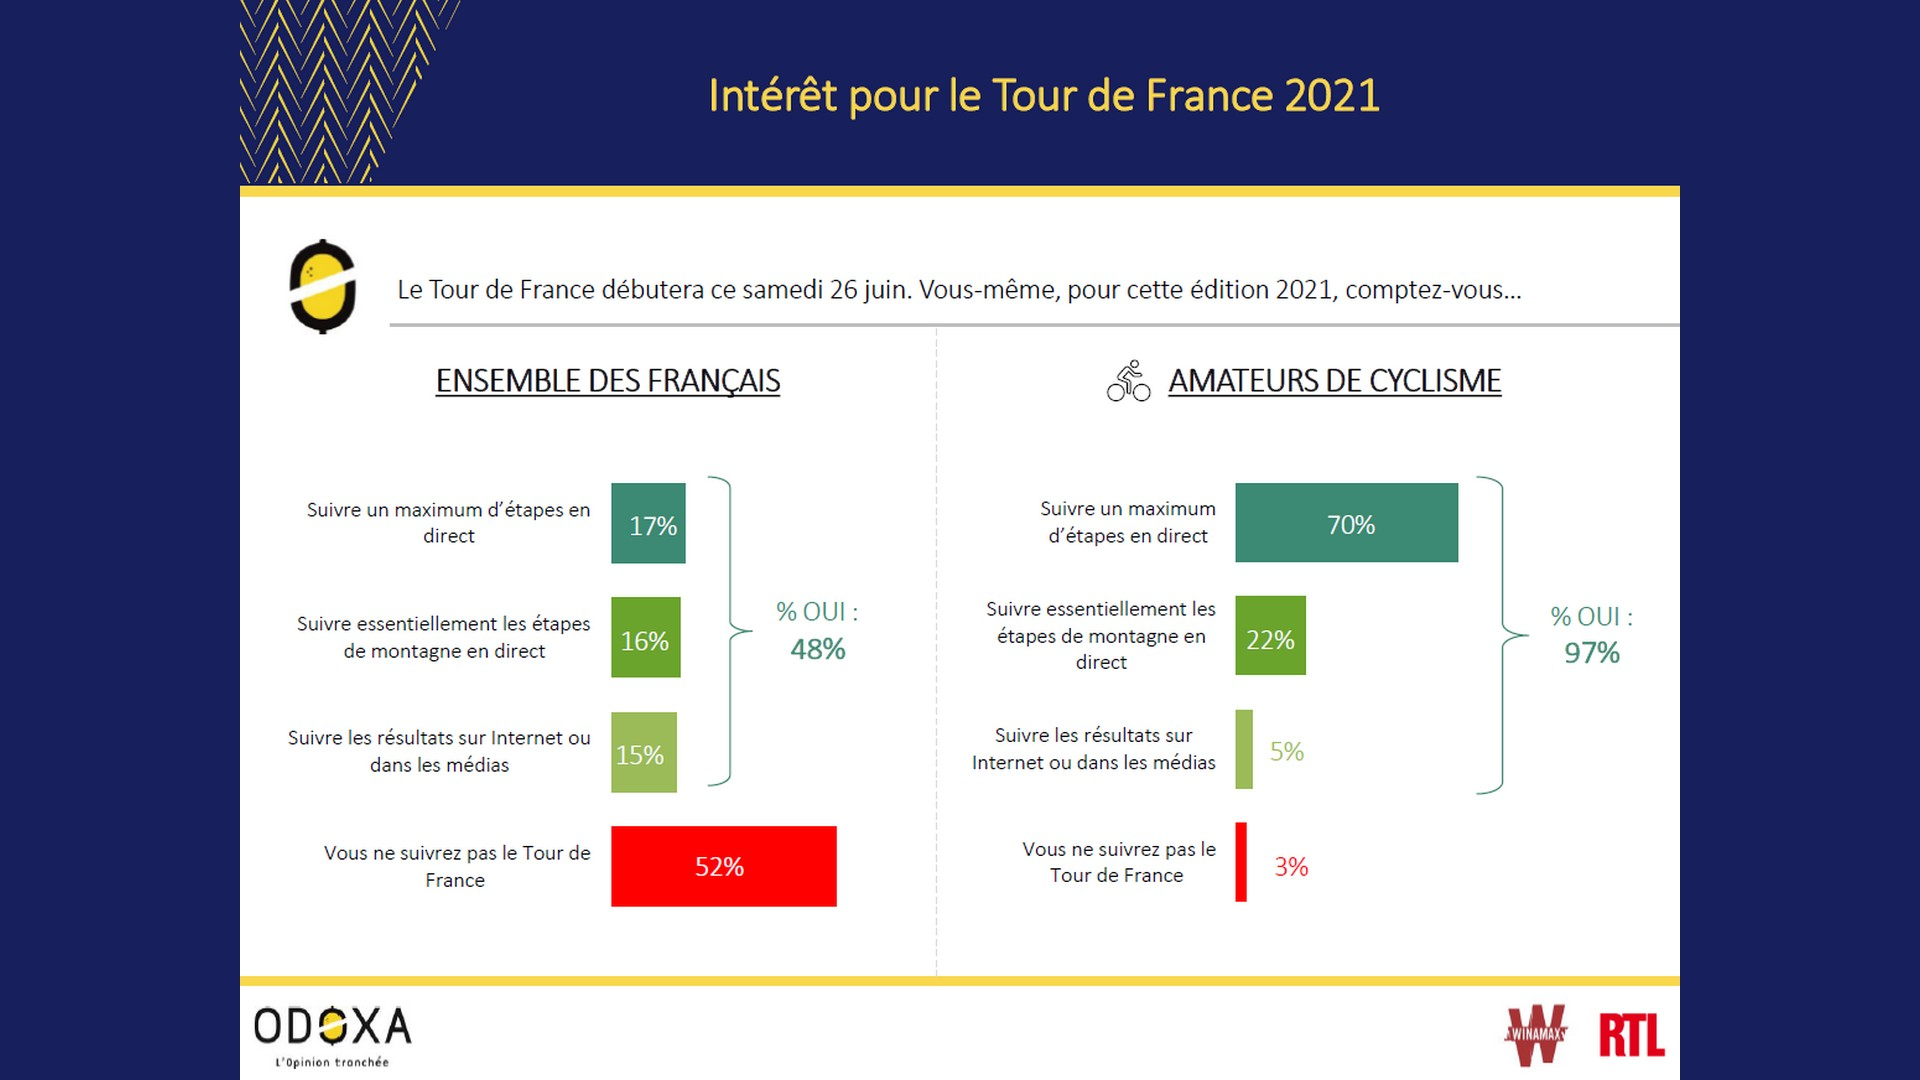 Odoxa Tour de France